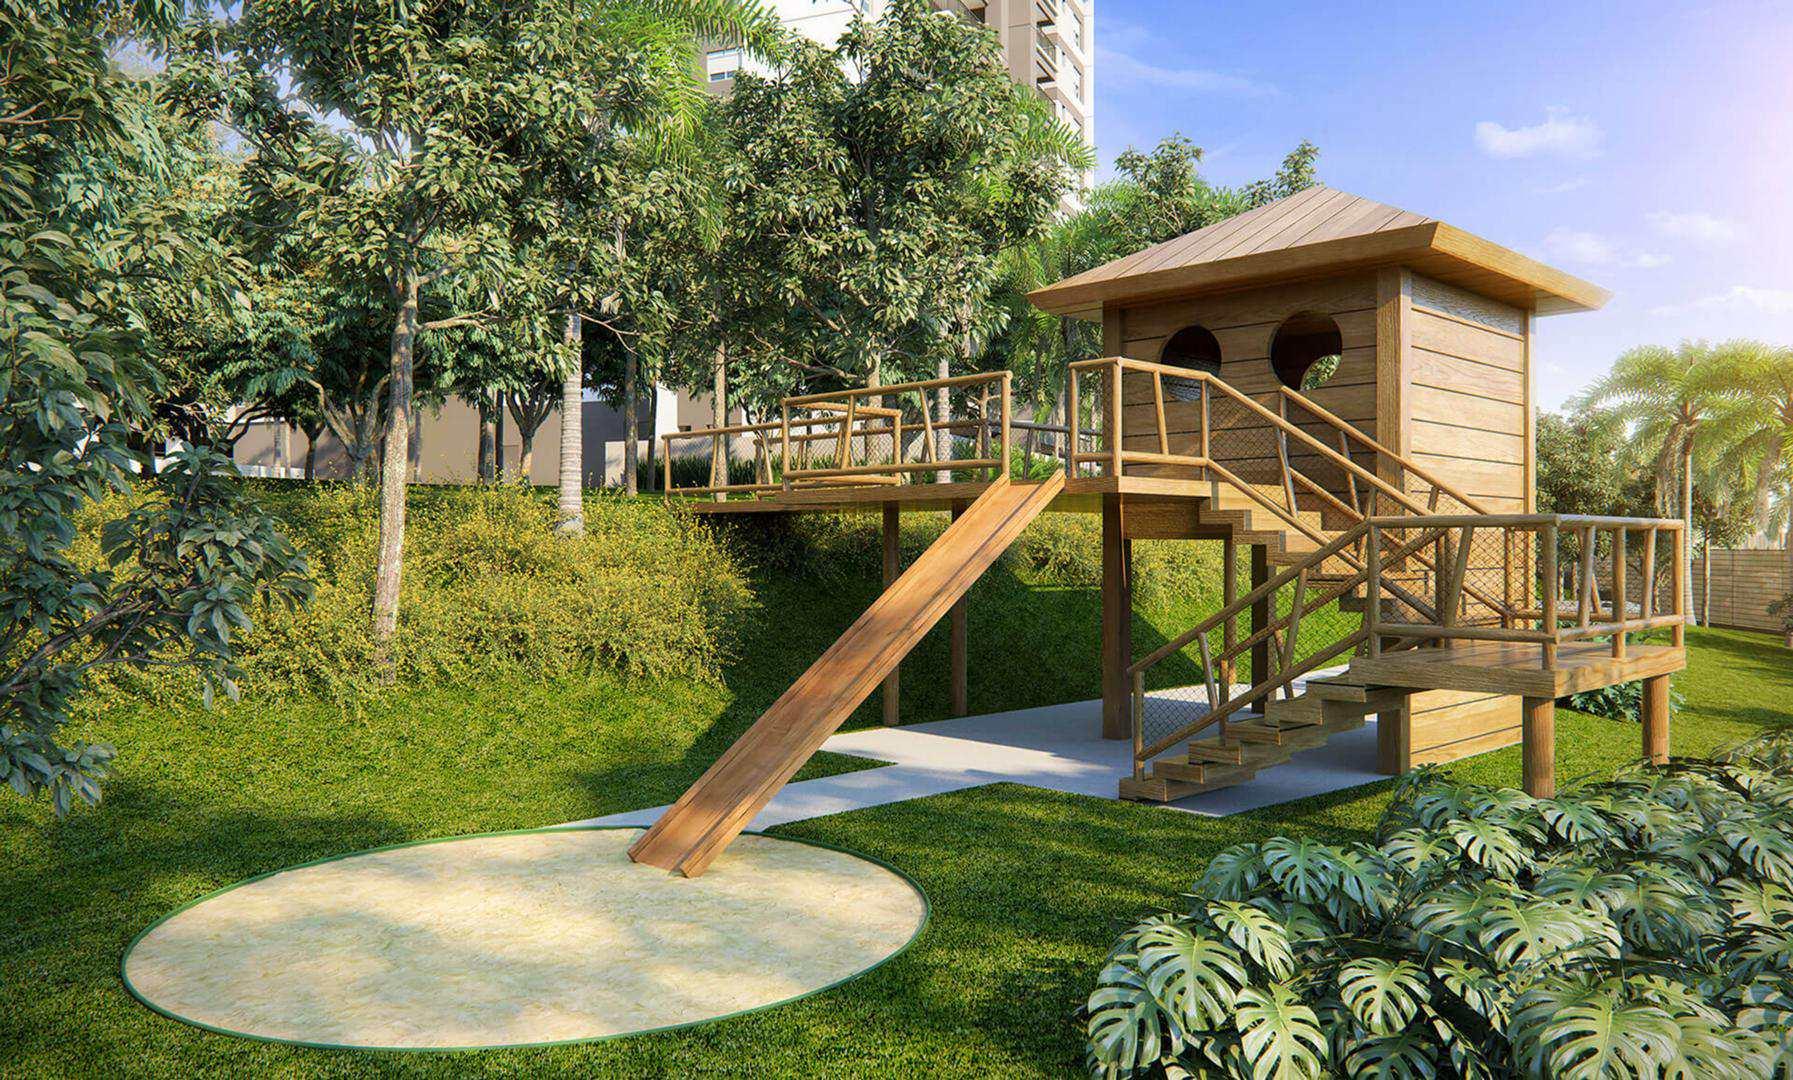 Penthouse La Vie Swiss Park Campinask